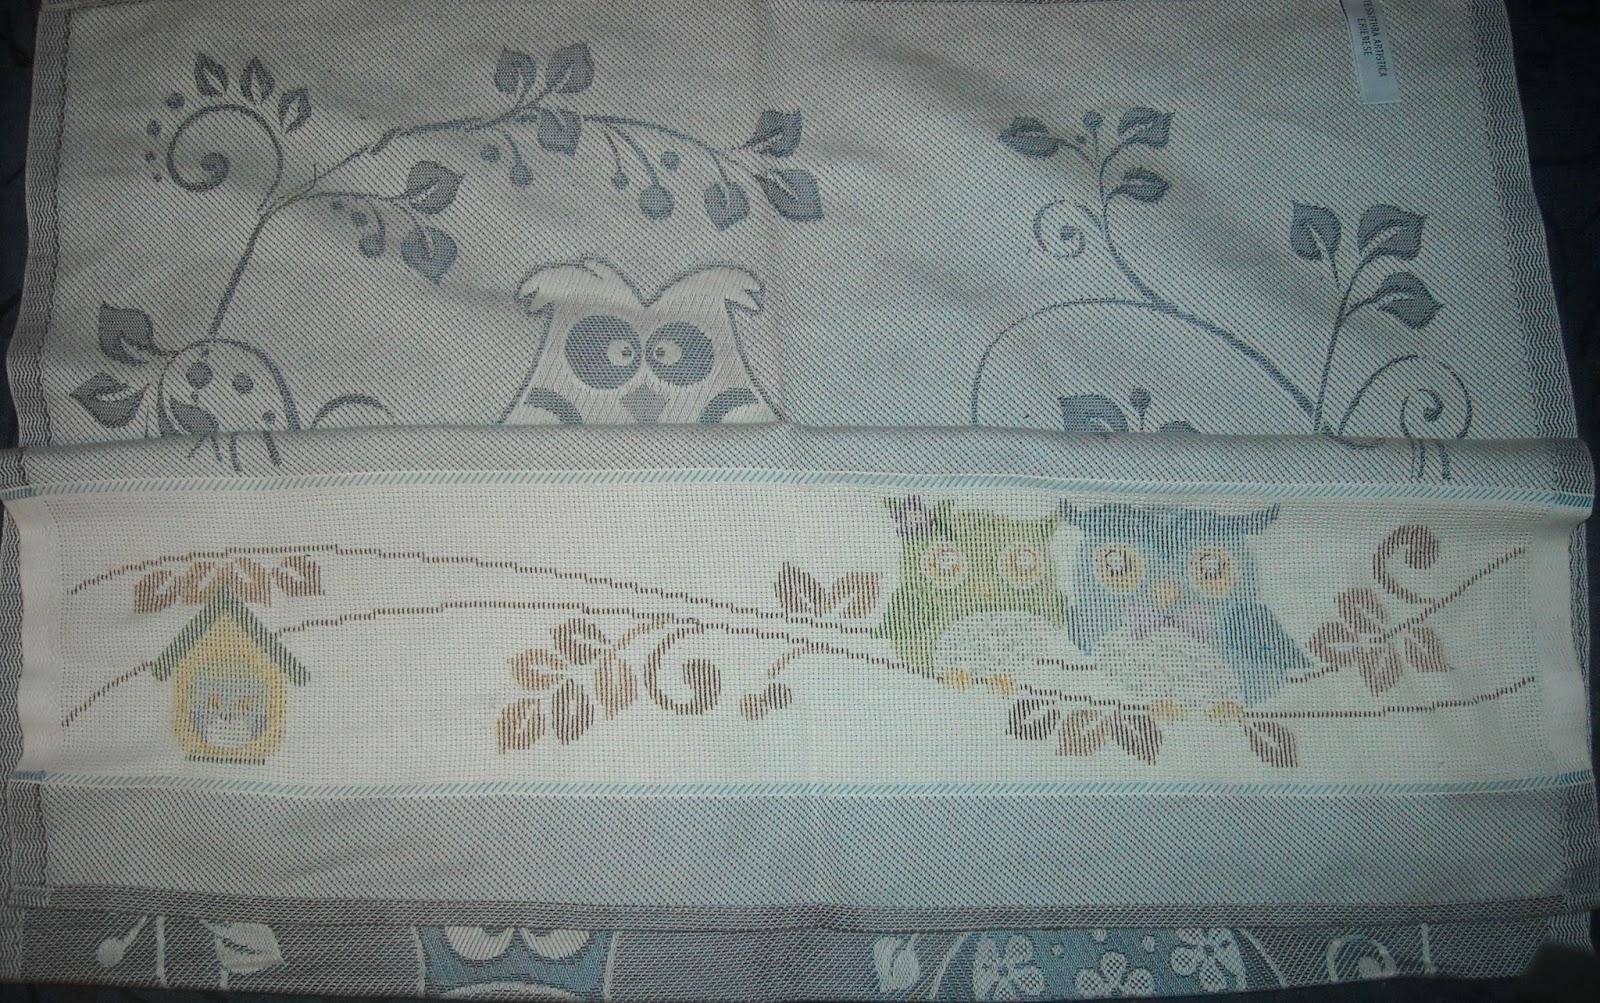 Filo di drago sal smaltimento ricamabili tappa di marzo for Planimetrie aggiunte casa